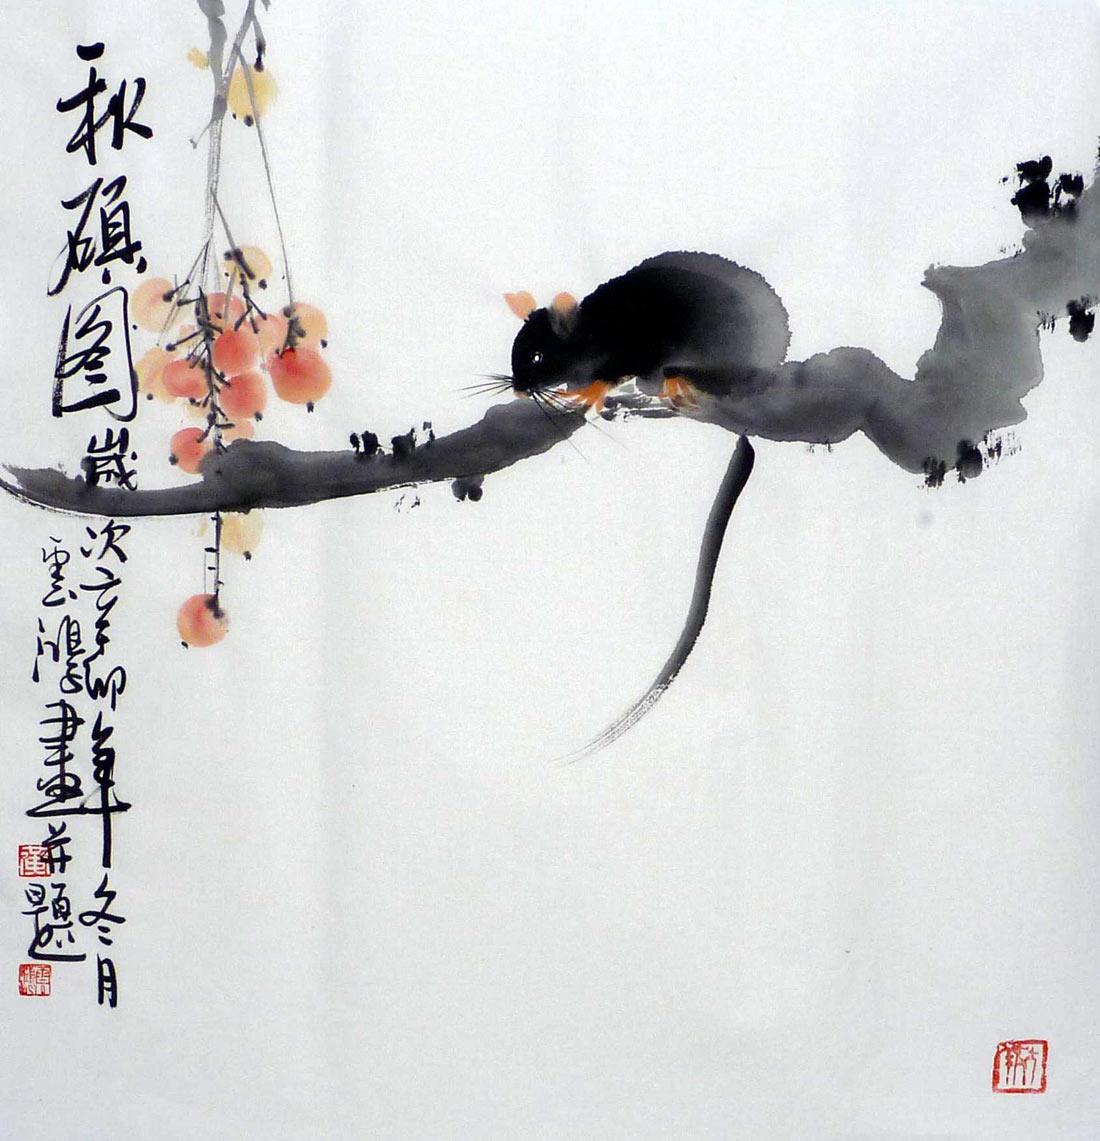 国画小老鼠的画法步骤